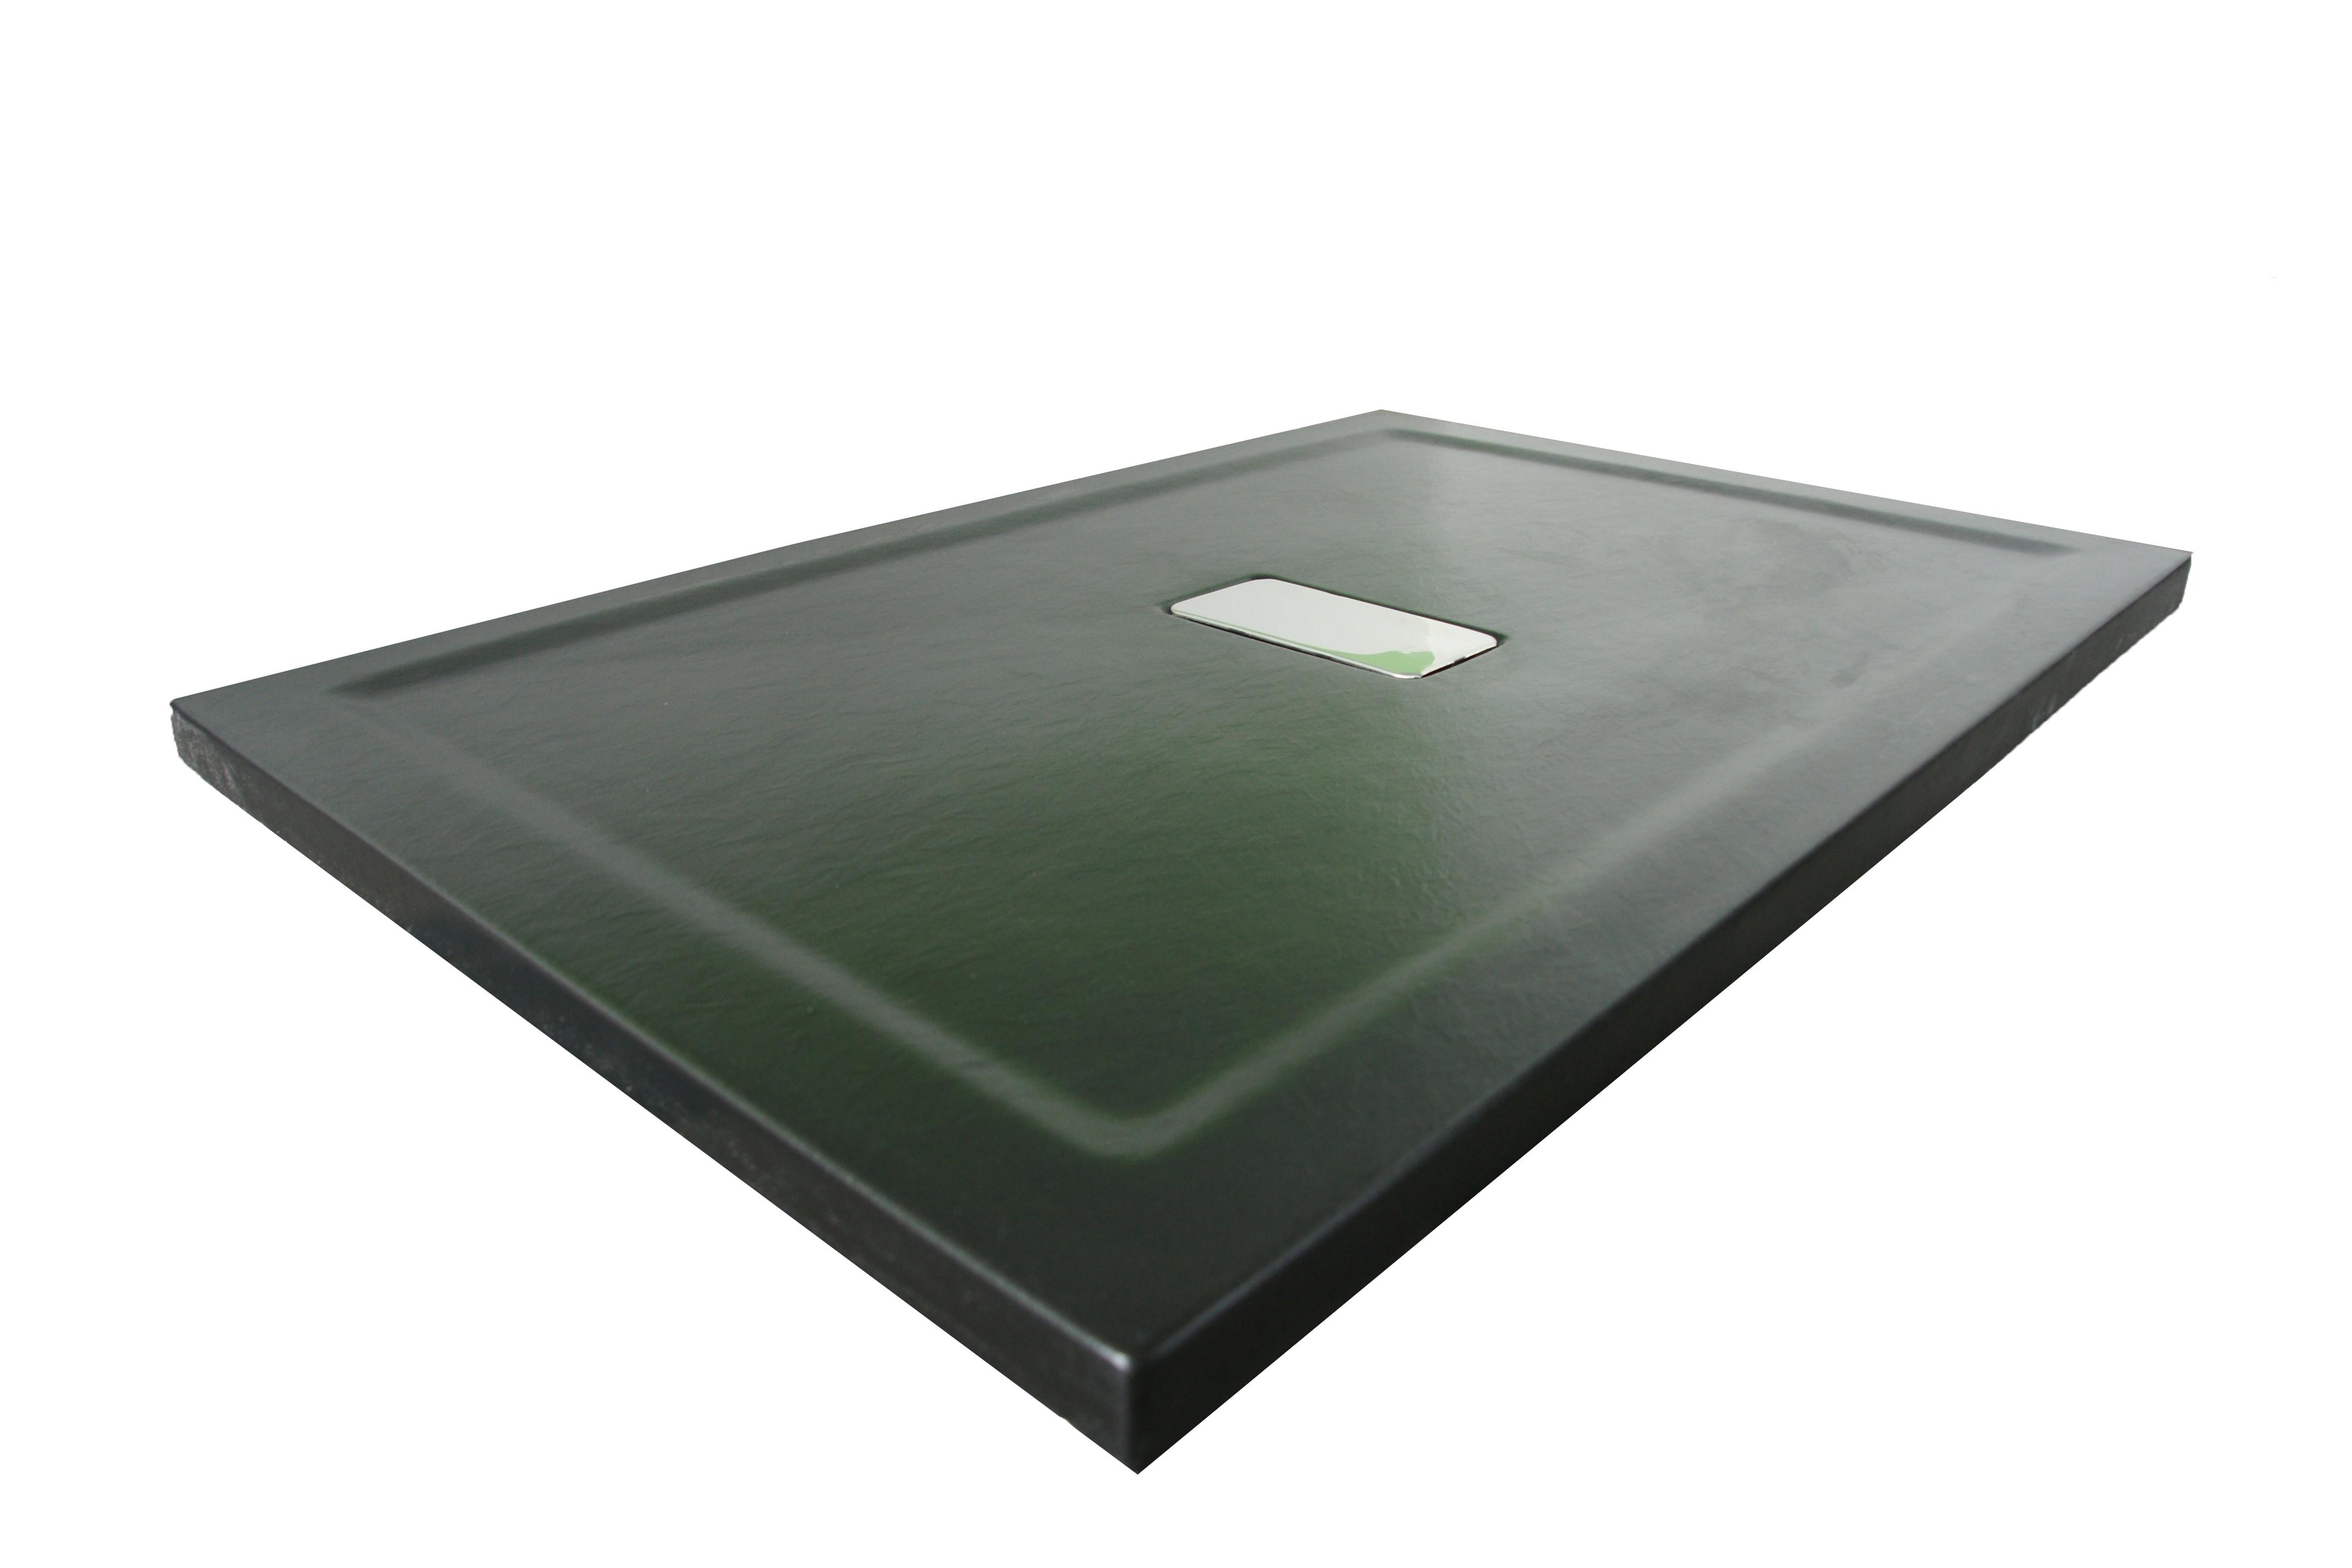 Cadita de dus Relax 180x80 - finisat texturat negru mat1